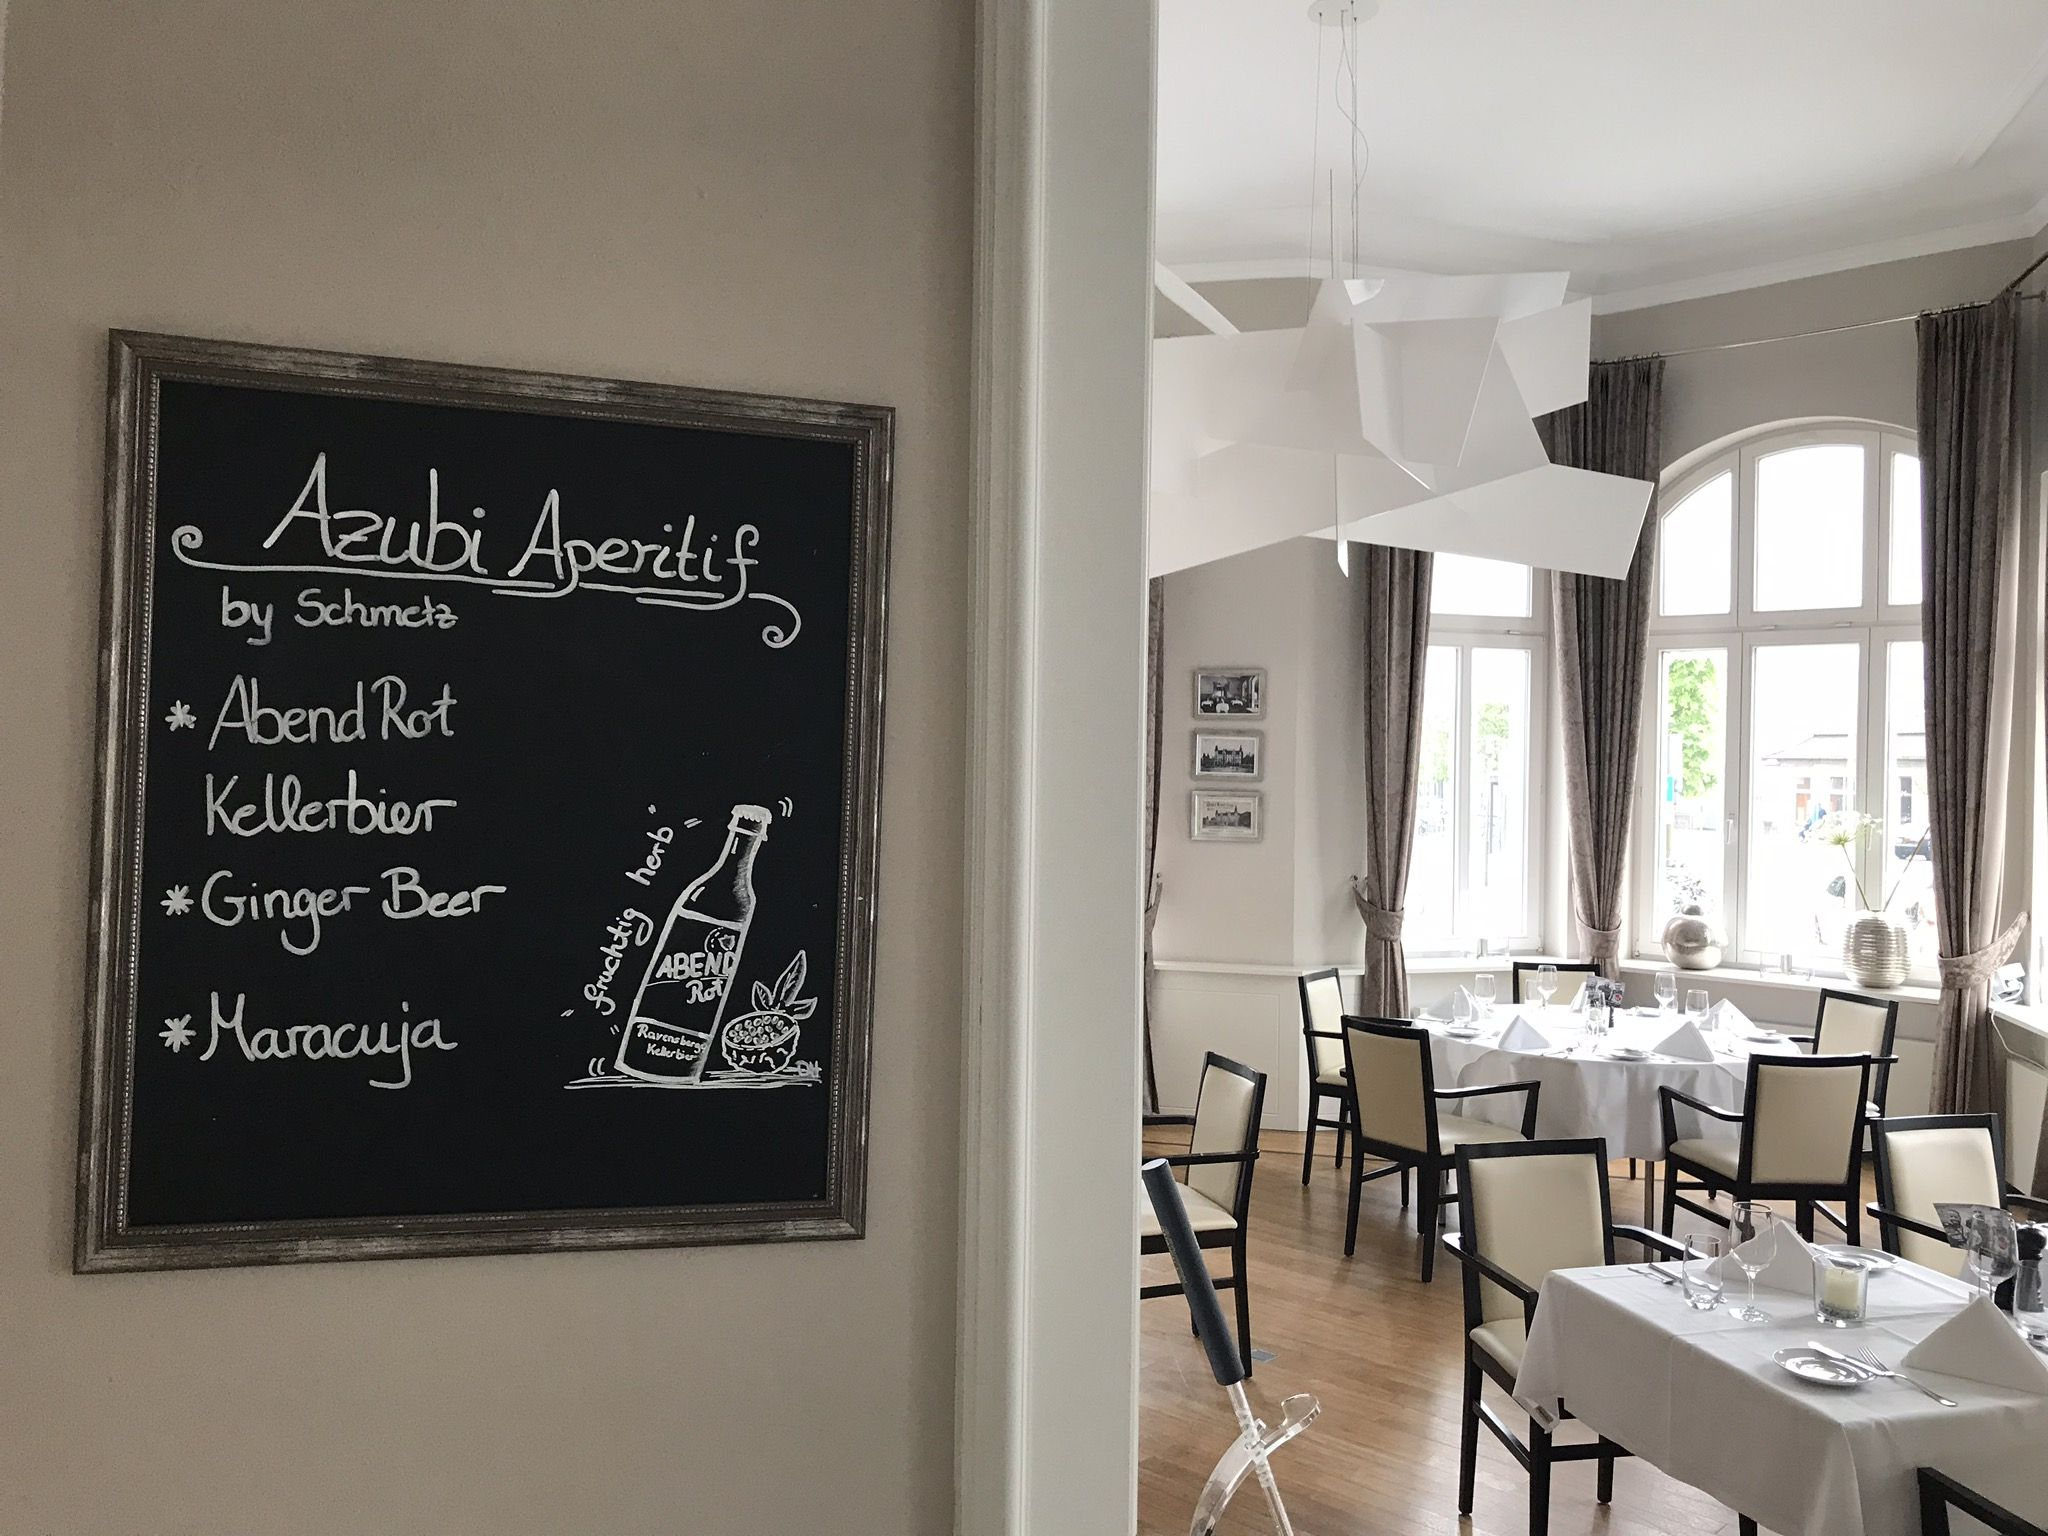 Aperitif der Woche! 🍹 | Restaurant, Deutsche küche, Aperitif